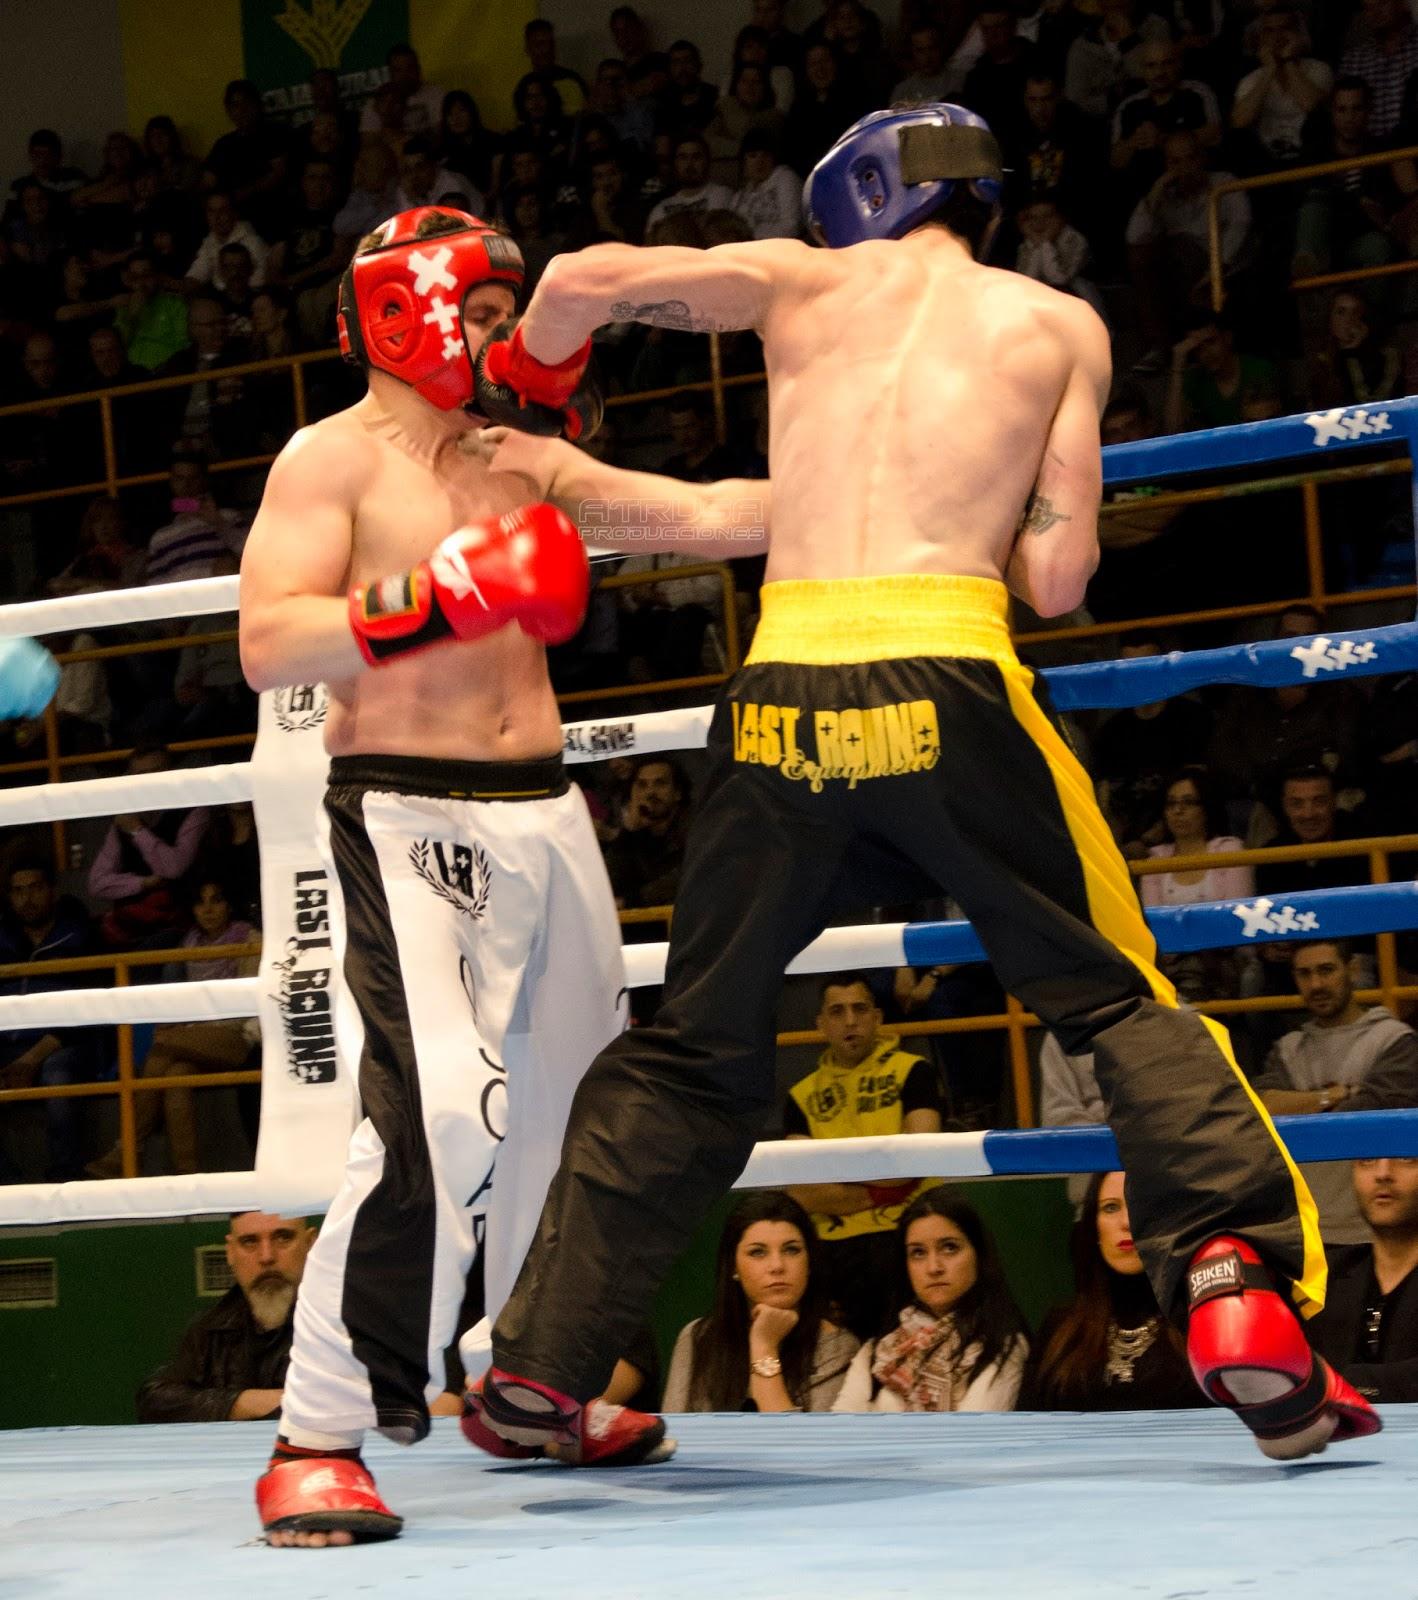 Luchador pegando puñetazo